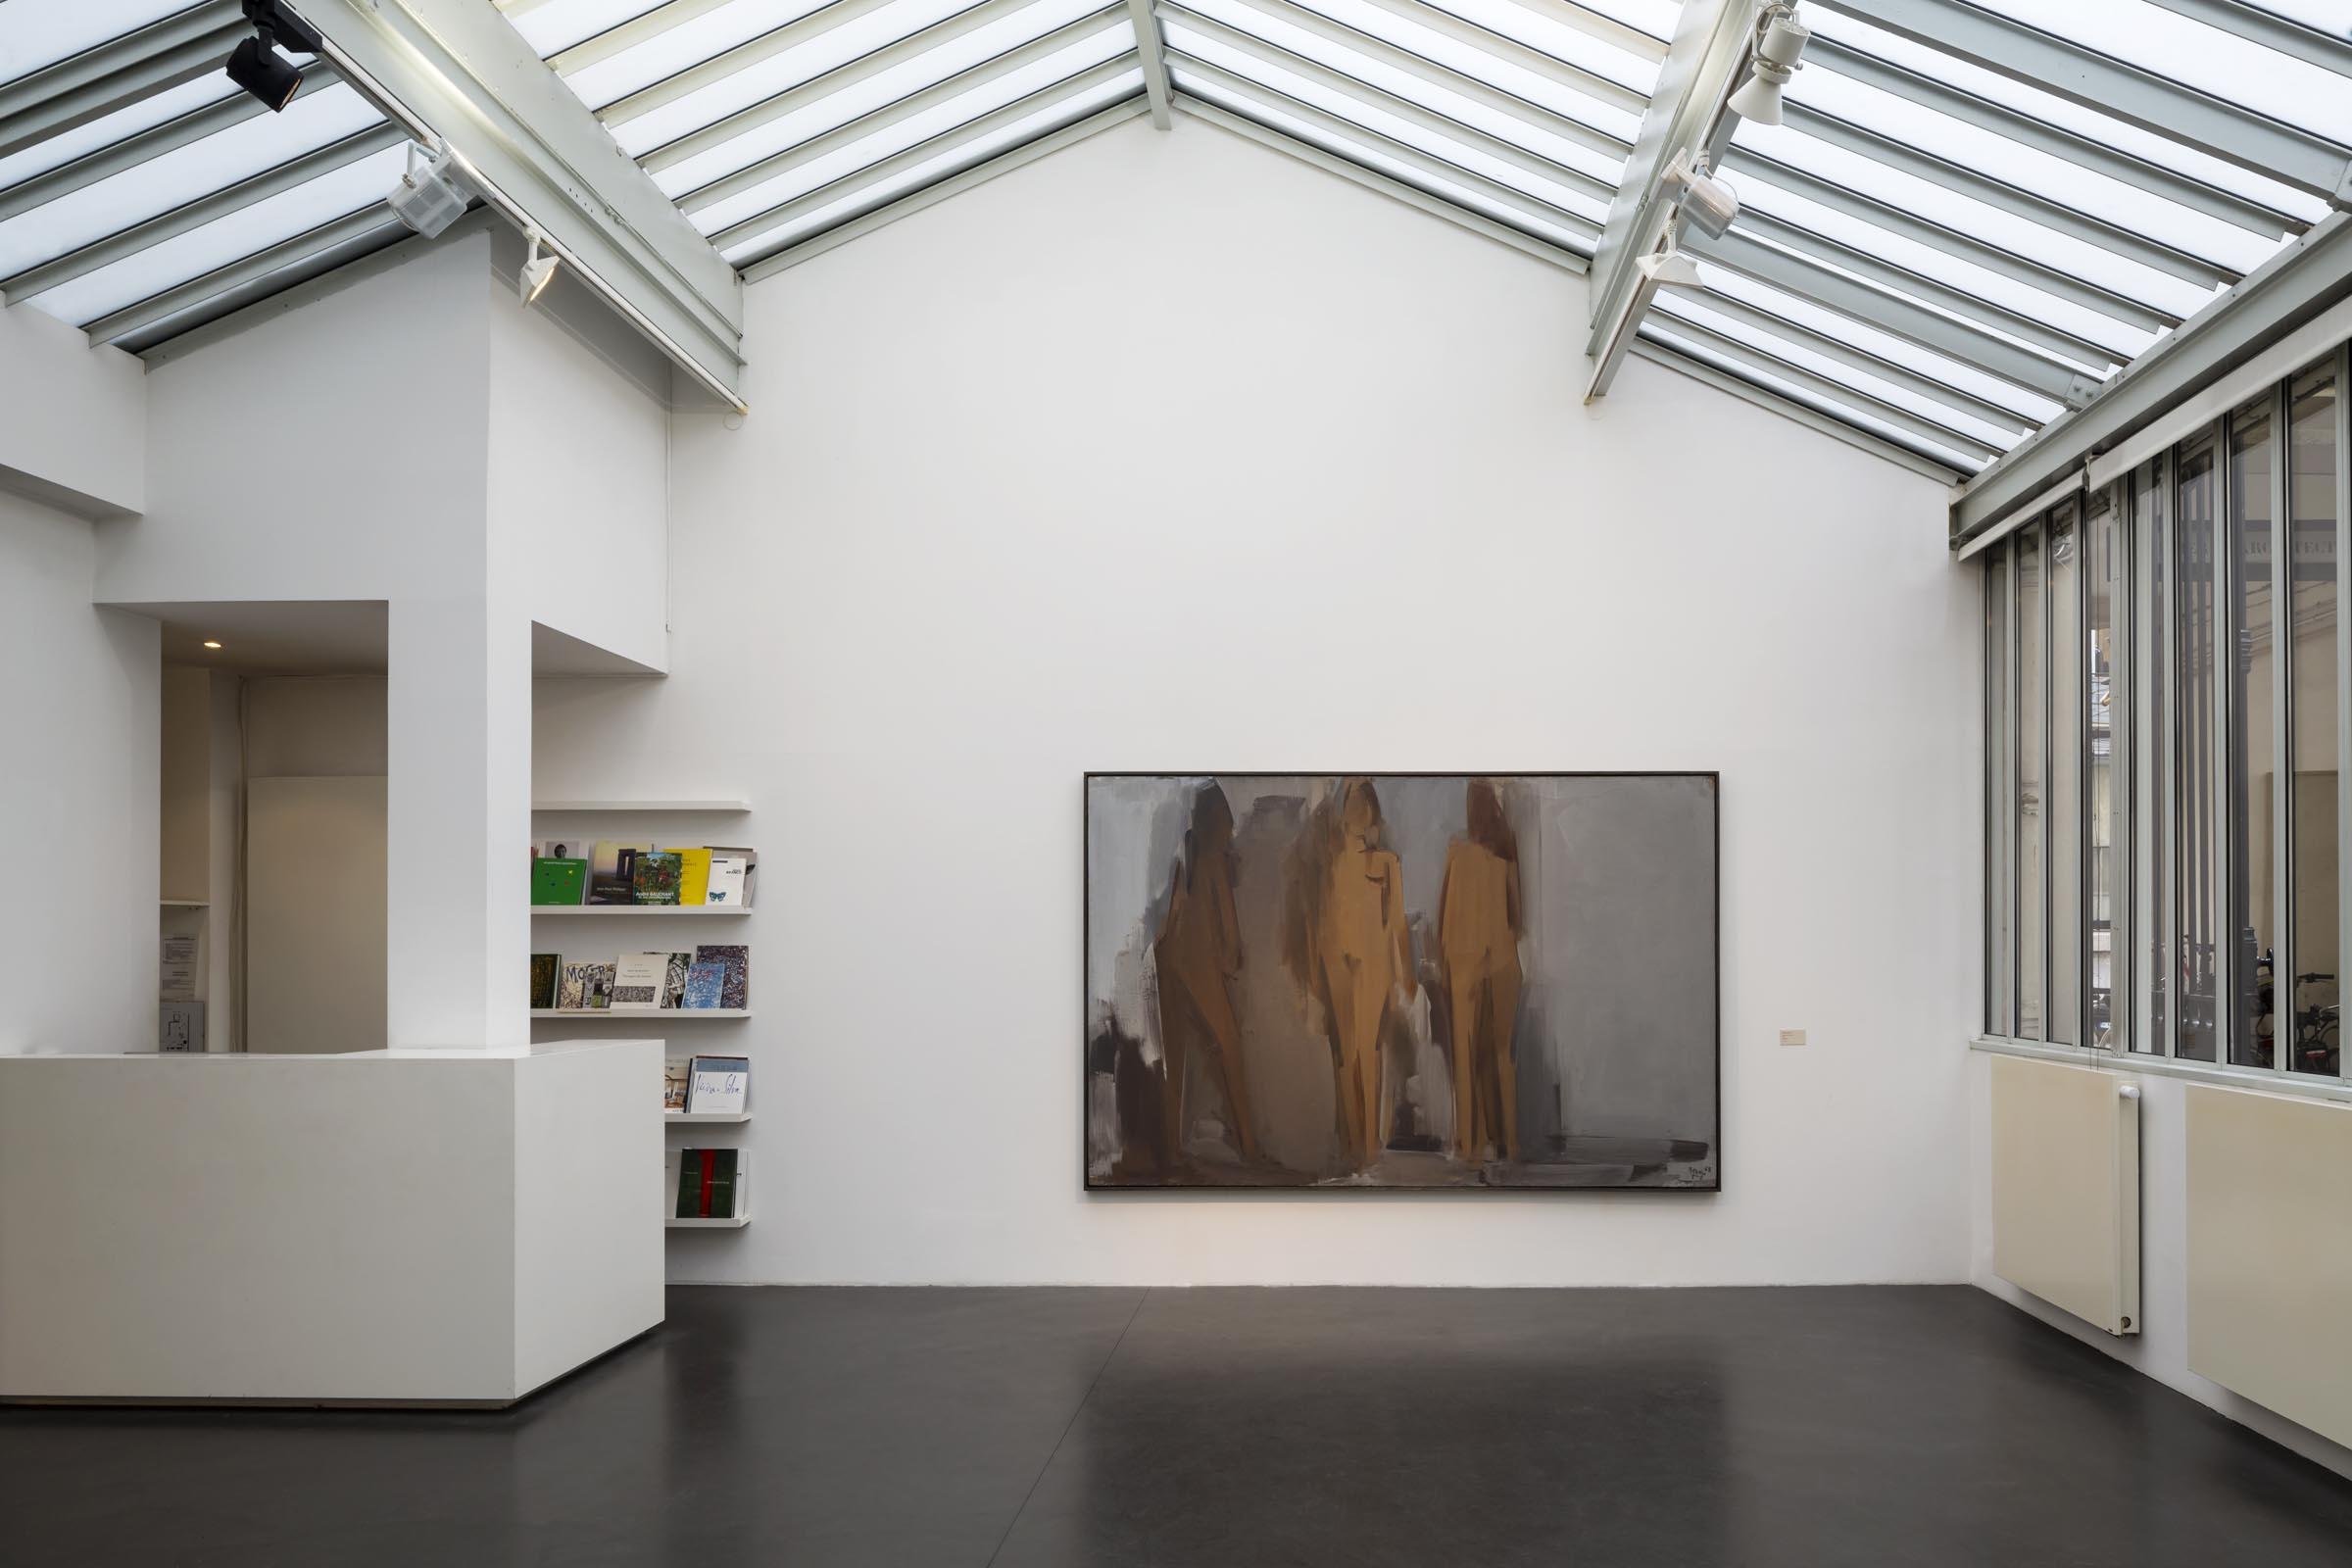 question de peinture jeanne bucher jaeger galerie d. Black Bedroom Furniture Sets. Home Design Ideas